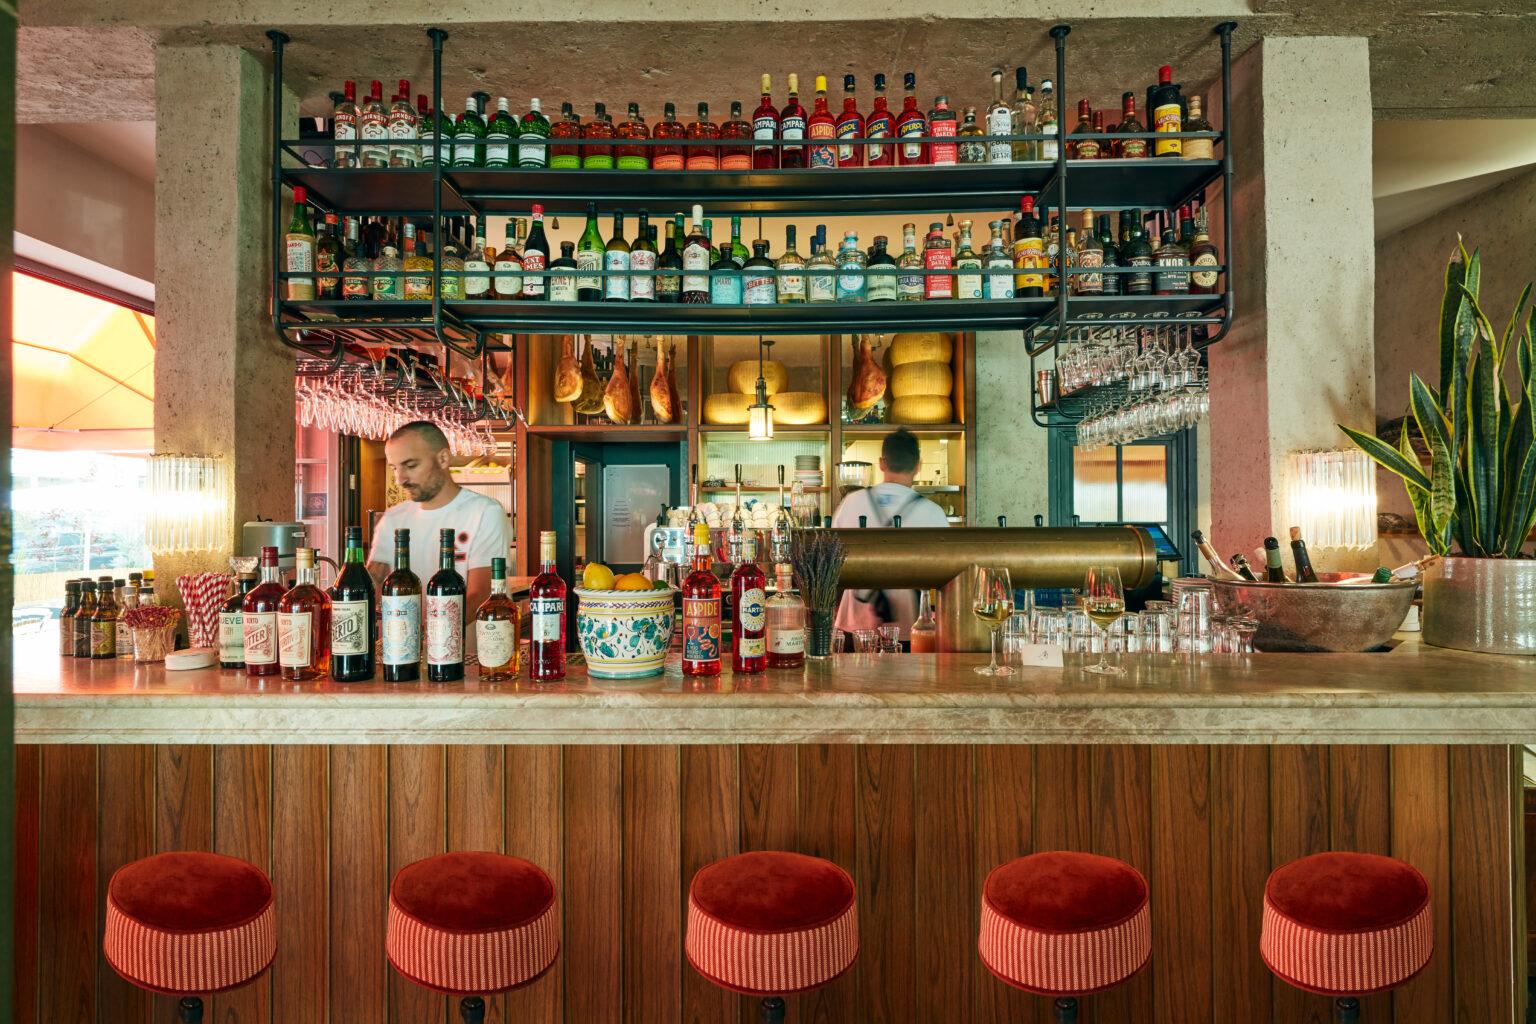 Supernova_restaurant_muenchen_maxvorstadt_italienisch_hip_angesagt_bar_drinks_cocktails_sprizz_aperitivo_wein_karriere_jobs_gastronomie